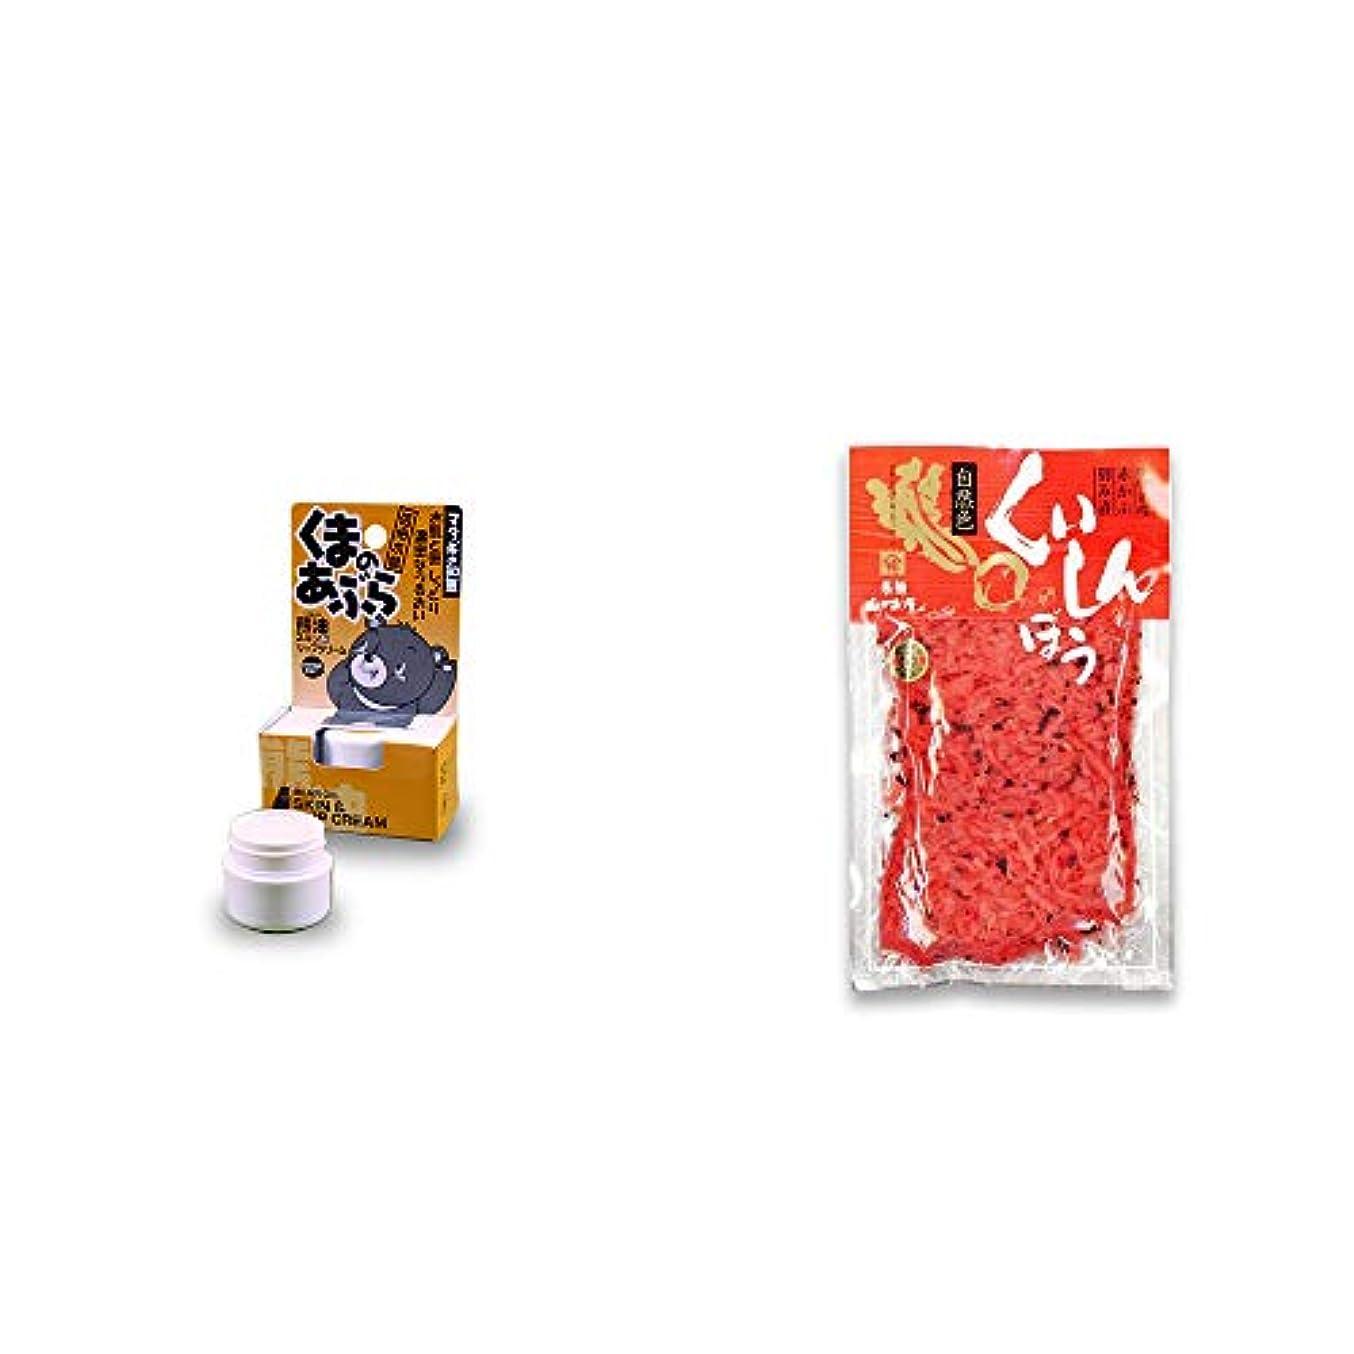 最少サンプル魅力[2点セット] 信州木曽 くまのあぶら 熊油スキン&リップクリーム(9g)?飛騨山味屋 くいしんぼう【大】(260g) [赤かぶ刻み漬け]